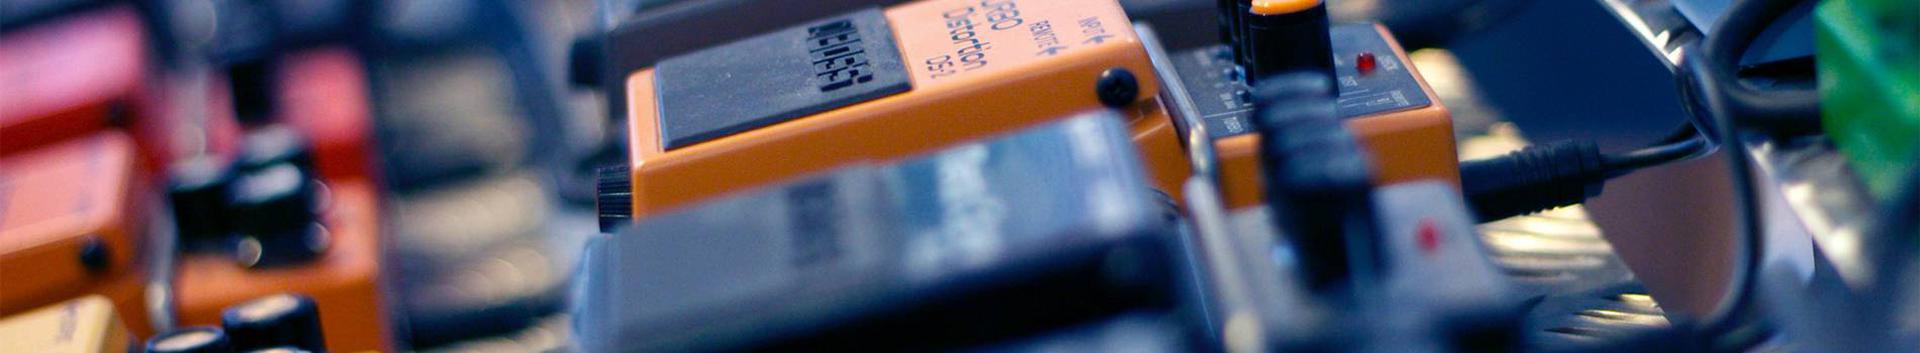 4669_muude-masinate-hulgimuuk_99370322_xl.jpg